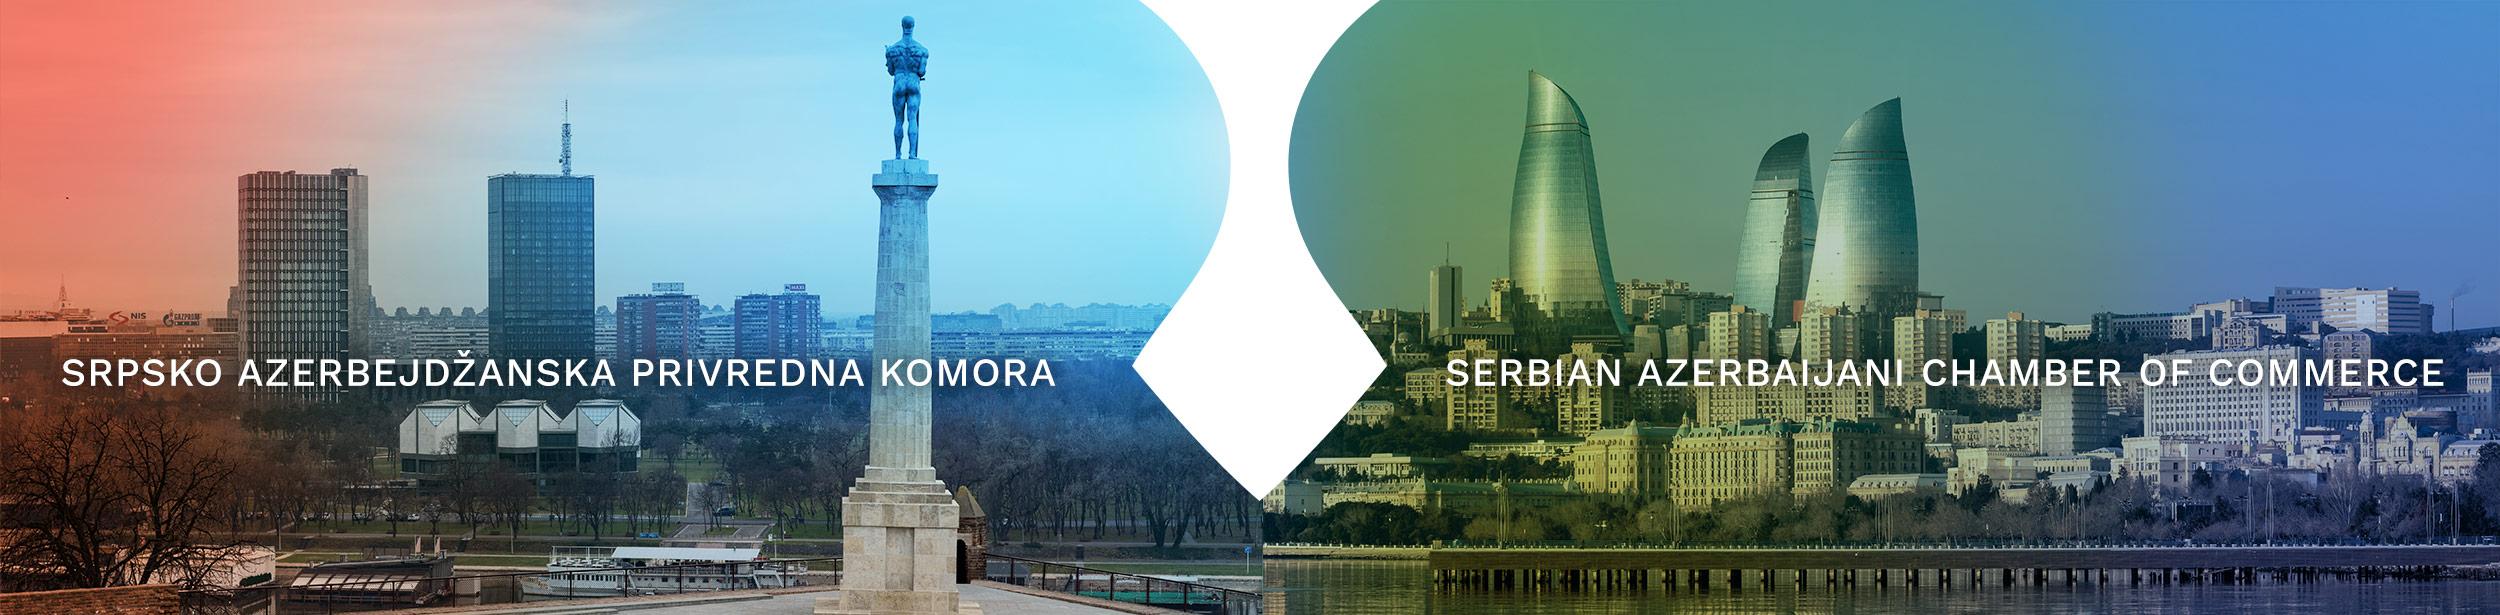 Srpsko Azerbejdžanska Privredna Komora